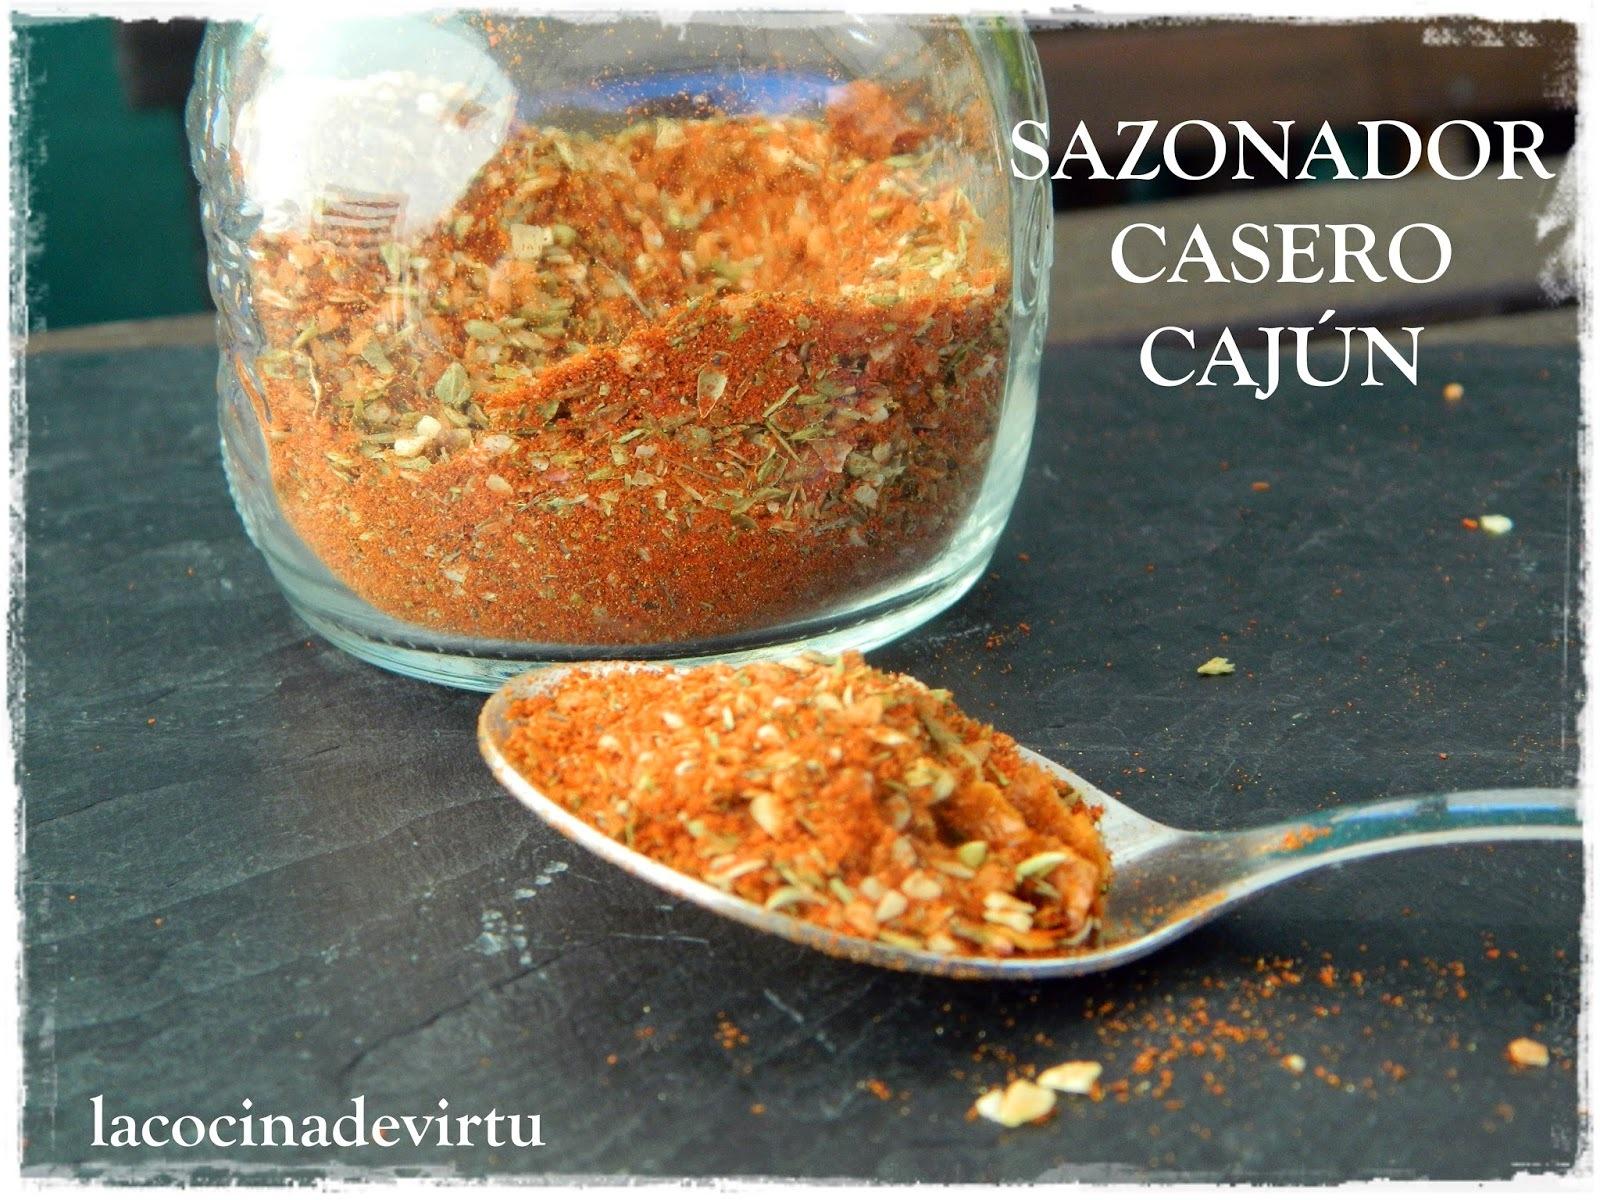 SAZONADOR CASERO CAJUN